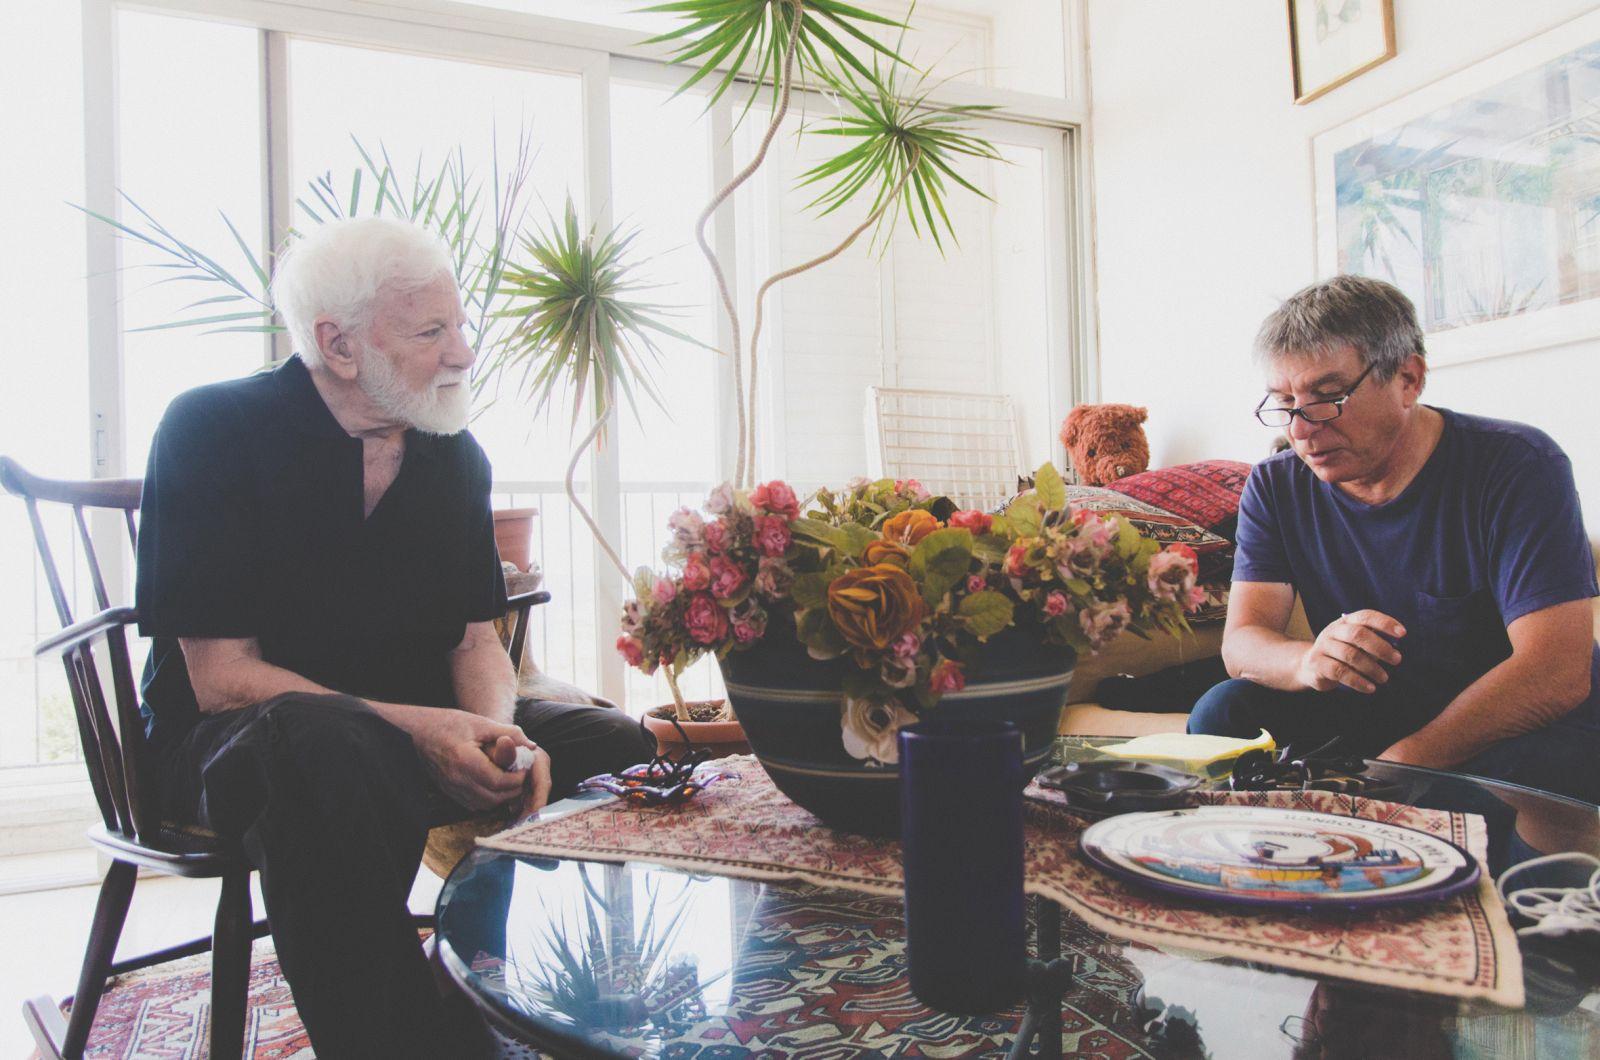 חנוך מרמרי (מימין) מראיין את אורי אבנרי בביתו בתל-אביב, 28.5.13 (צילום: יולי גורודנסקי)